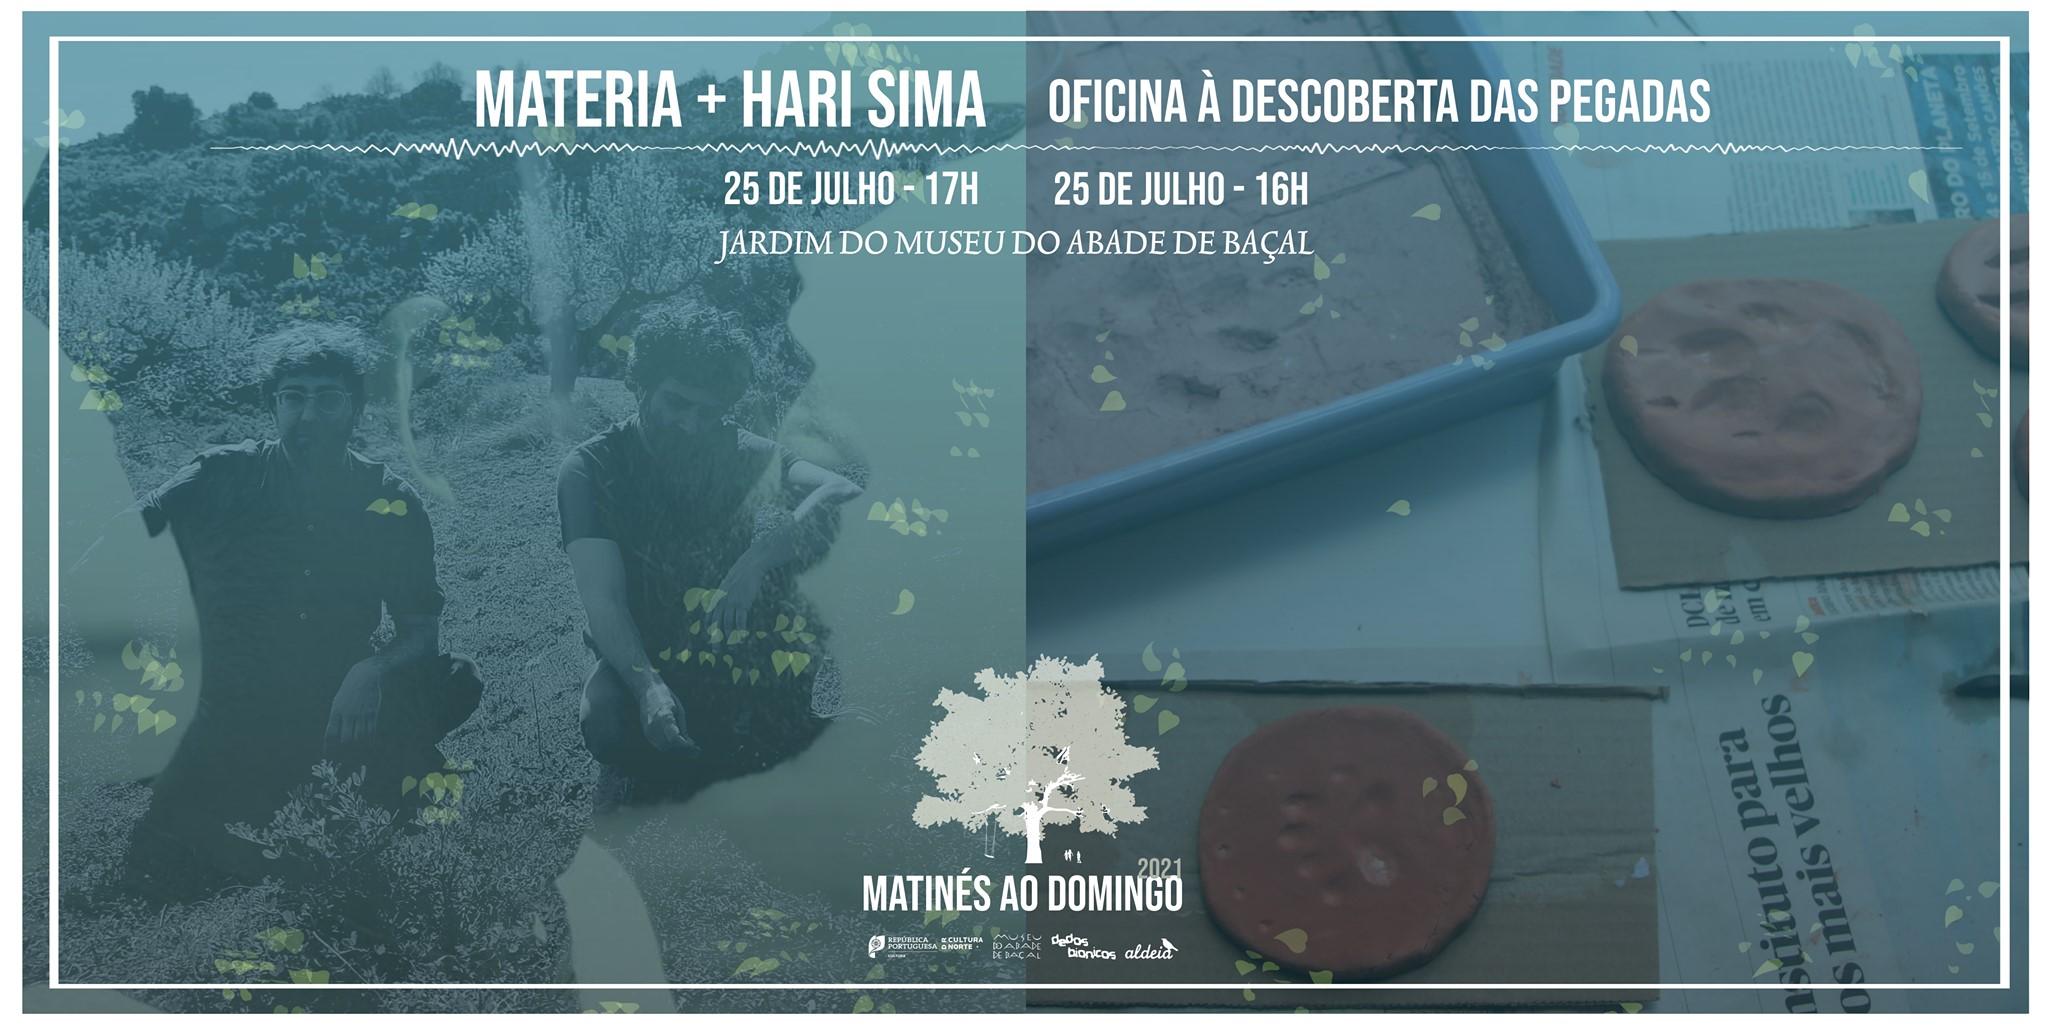 Matinés ao Domingo com Materia + Hari Sima + Oficina À Descoberta das Pegadas